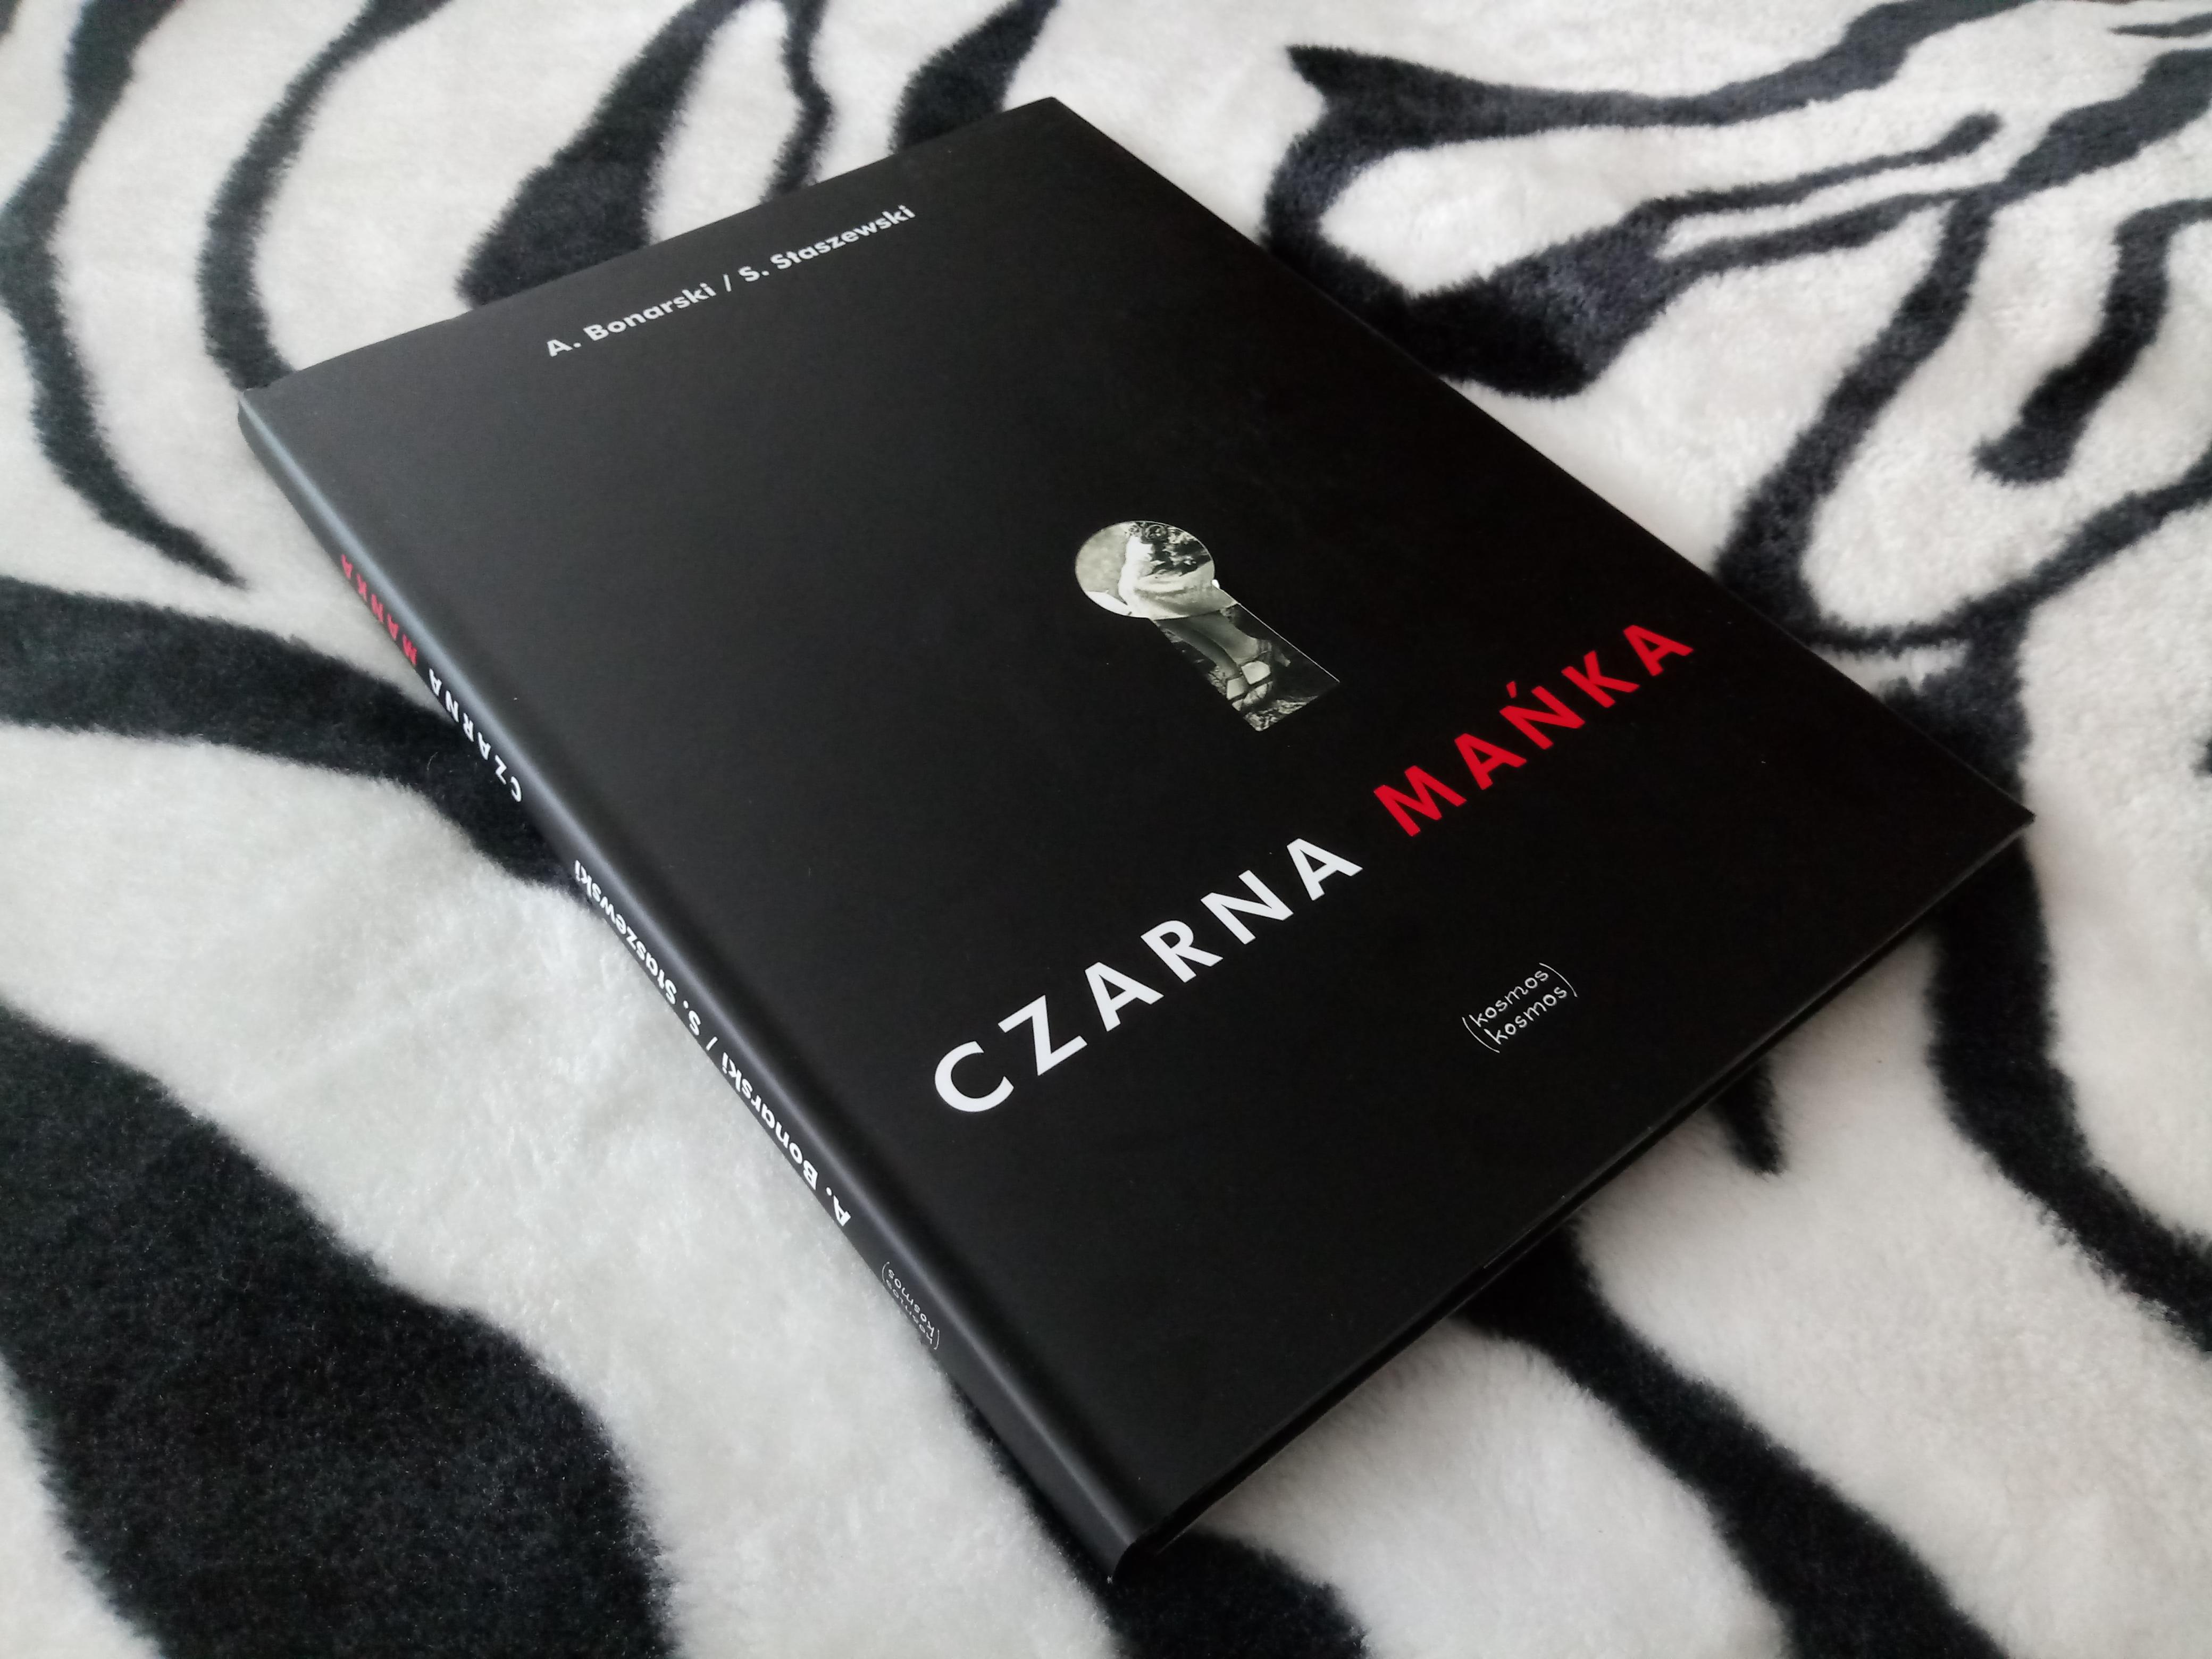 Czarna Mańka – Stanisław Staszewski/Andrzej Bonarski